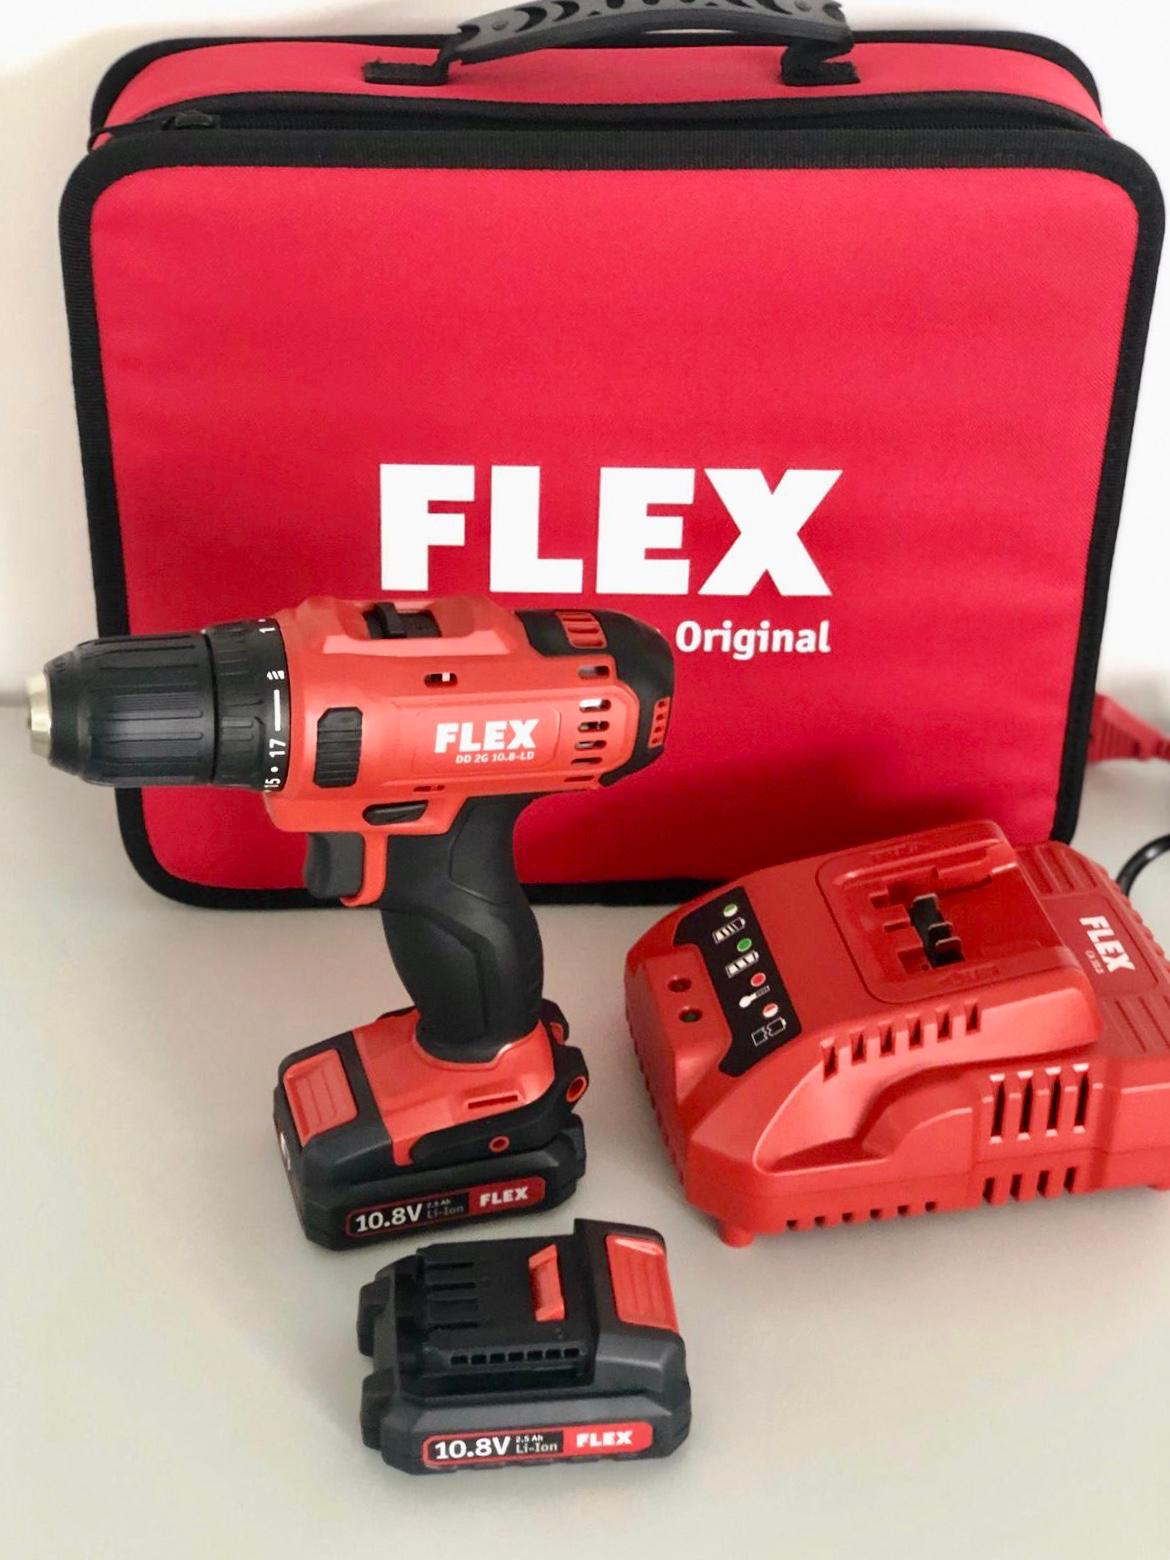 c-tools24 werkzeughandel | flex 10,8 volt akkuschrauber - dd2g 10,8